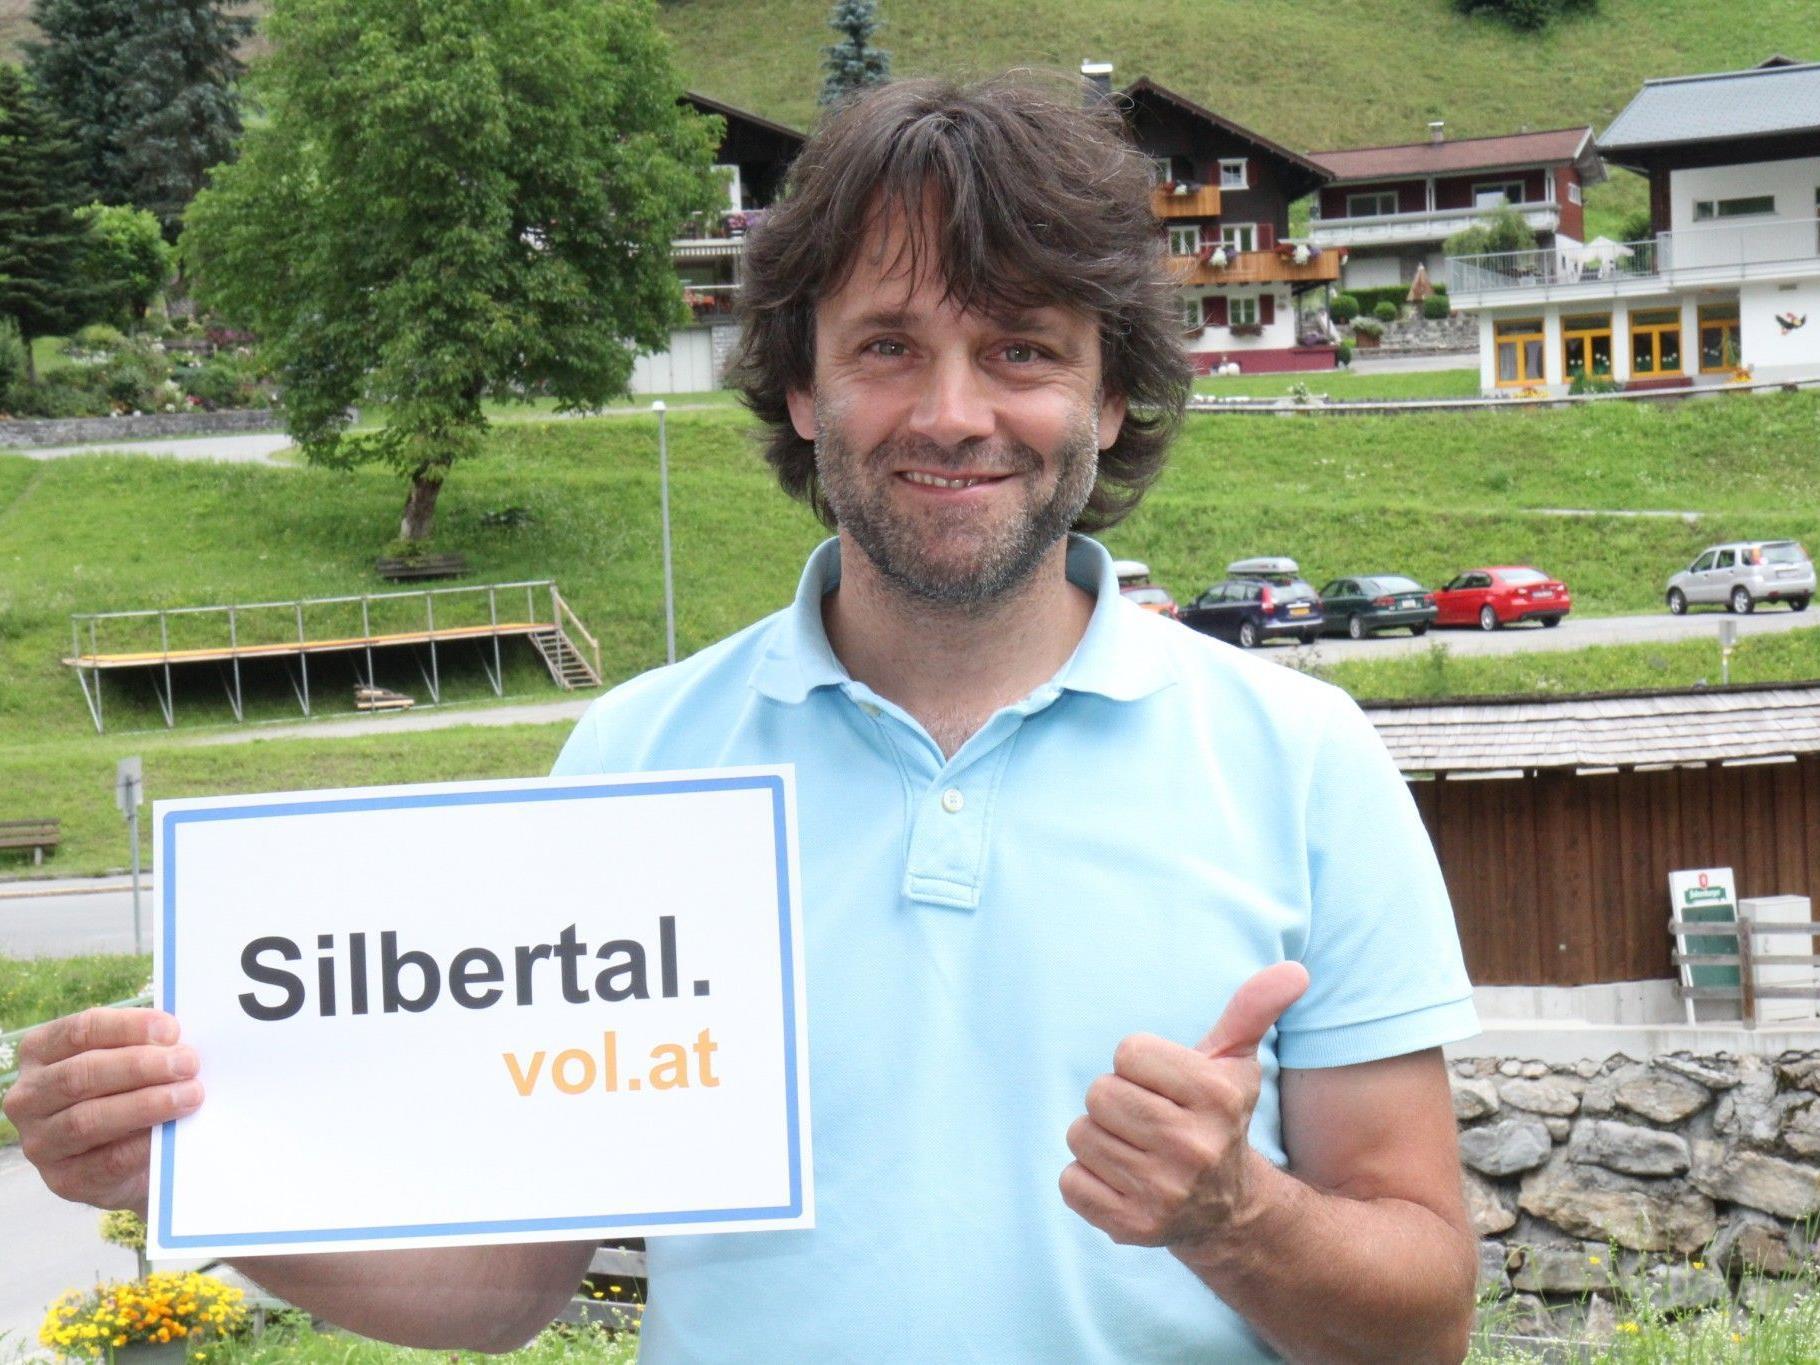 Bürgermeister Thomas Zudrell im Interview mit VOL.AT